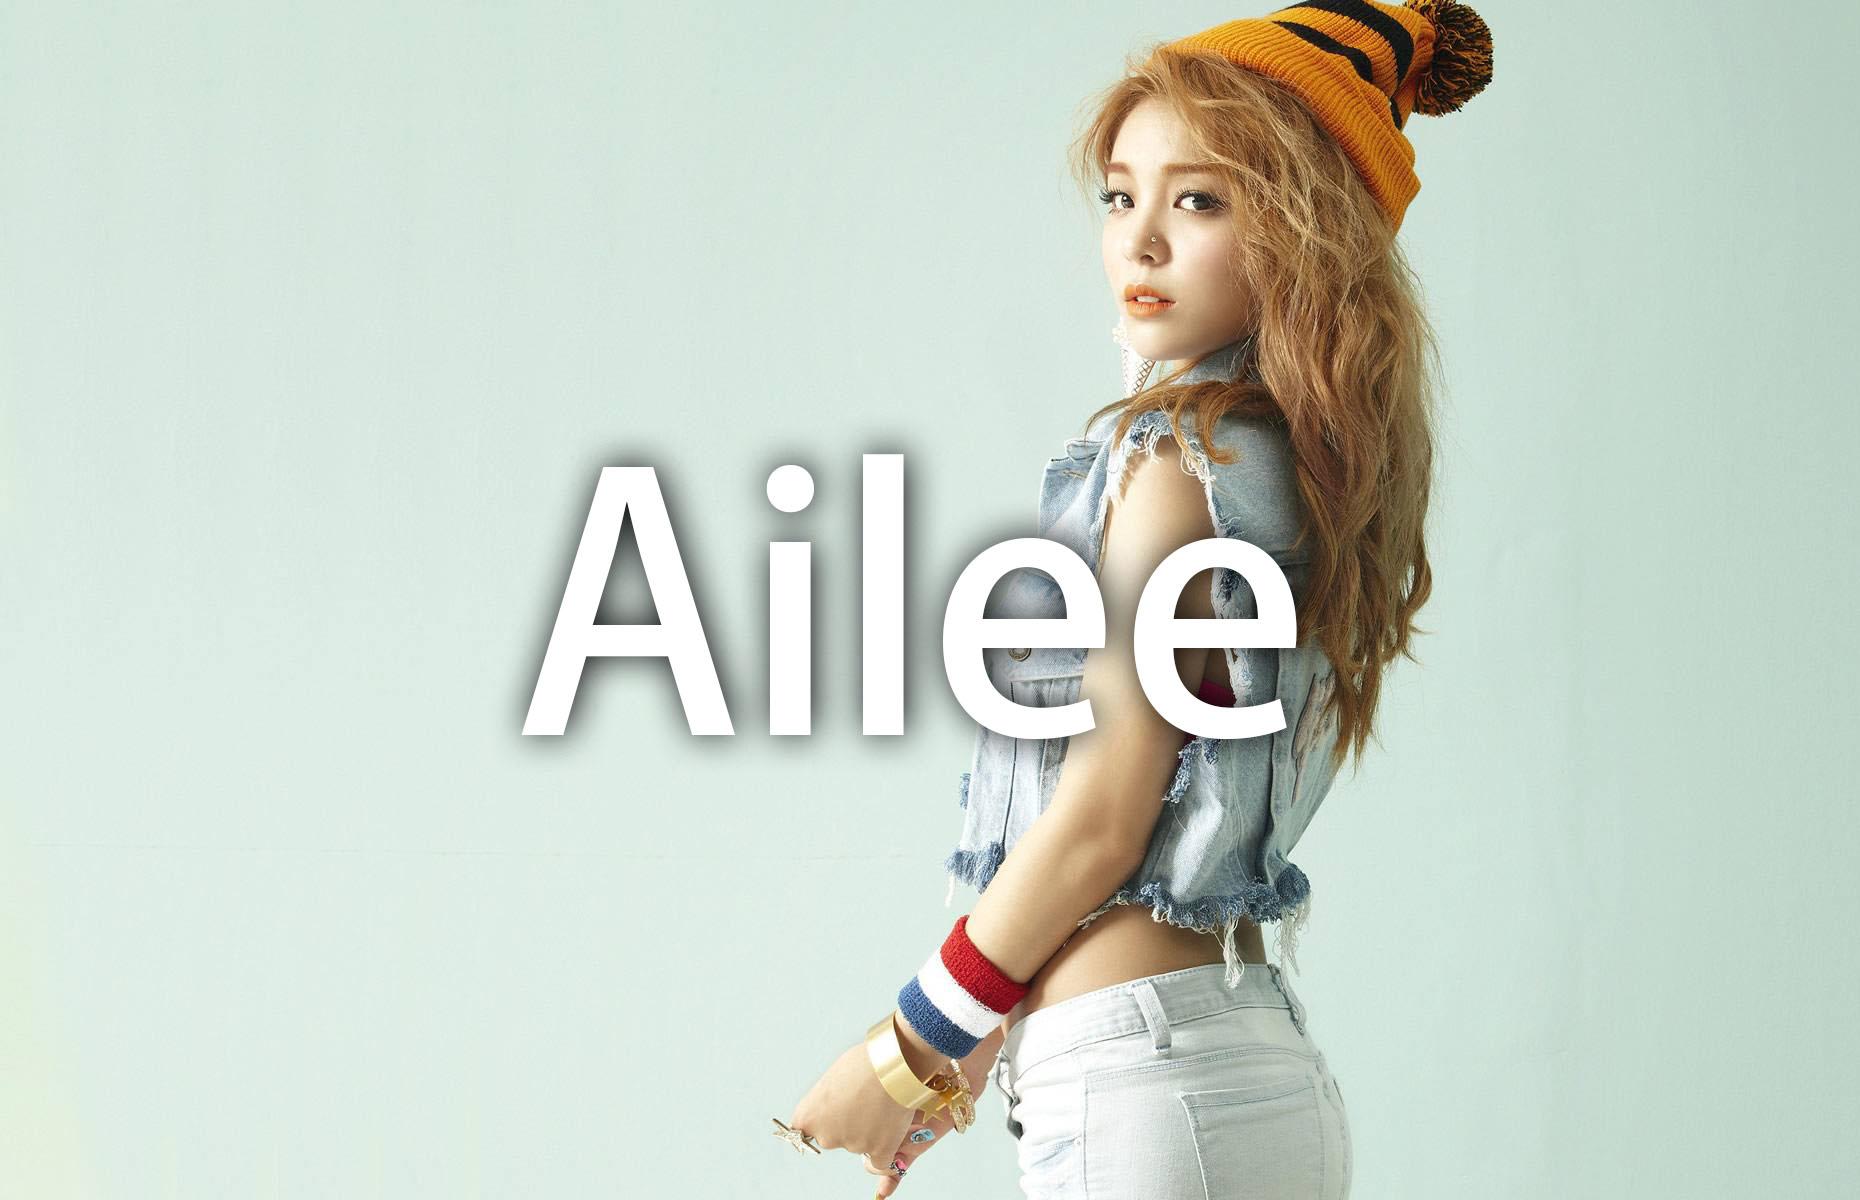 Ailee 精選